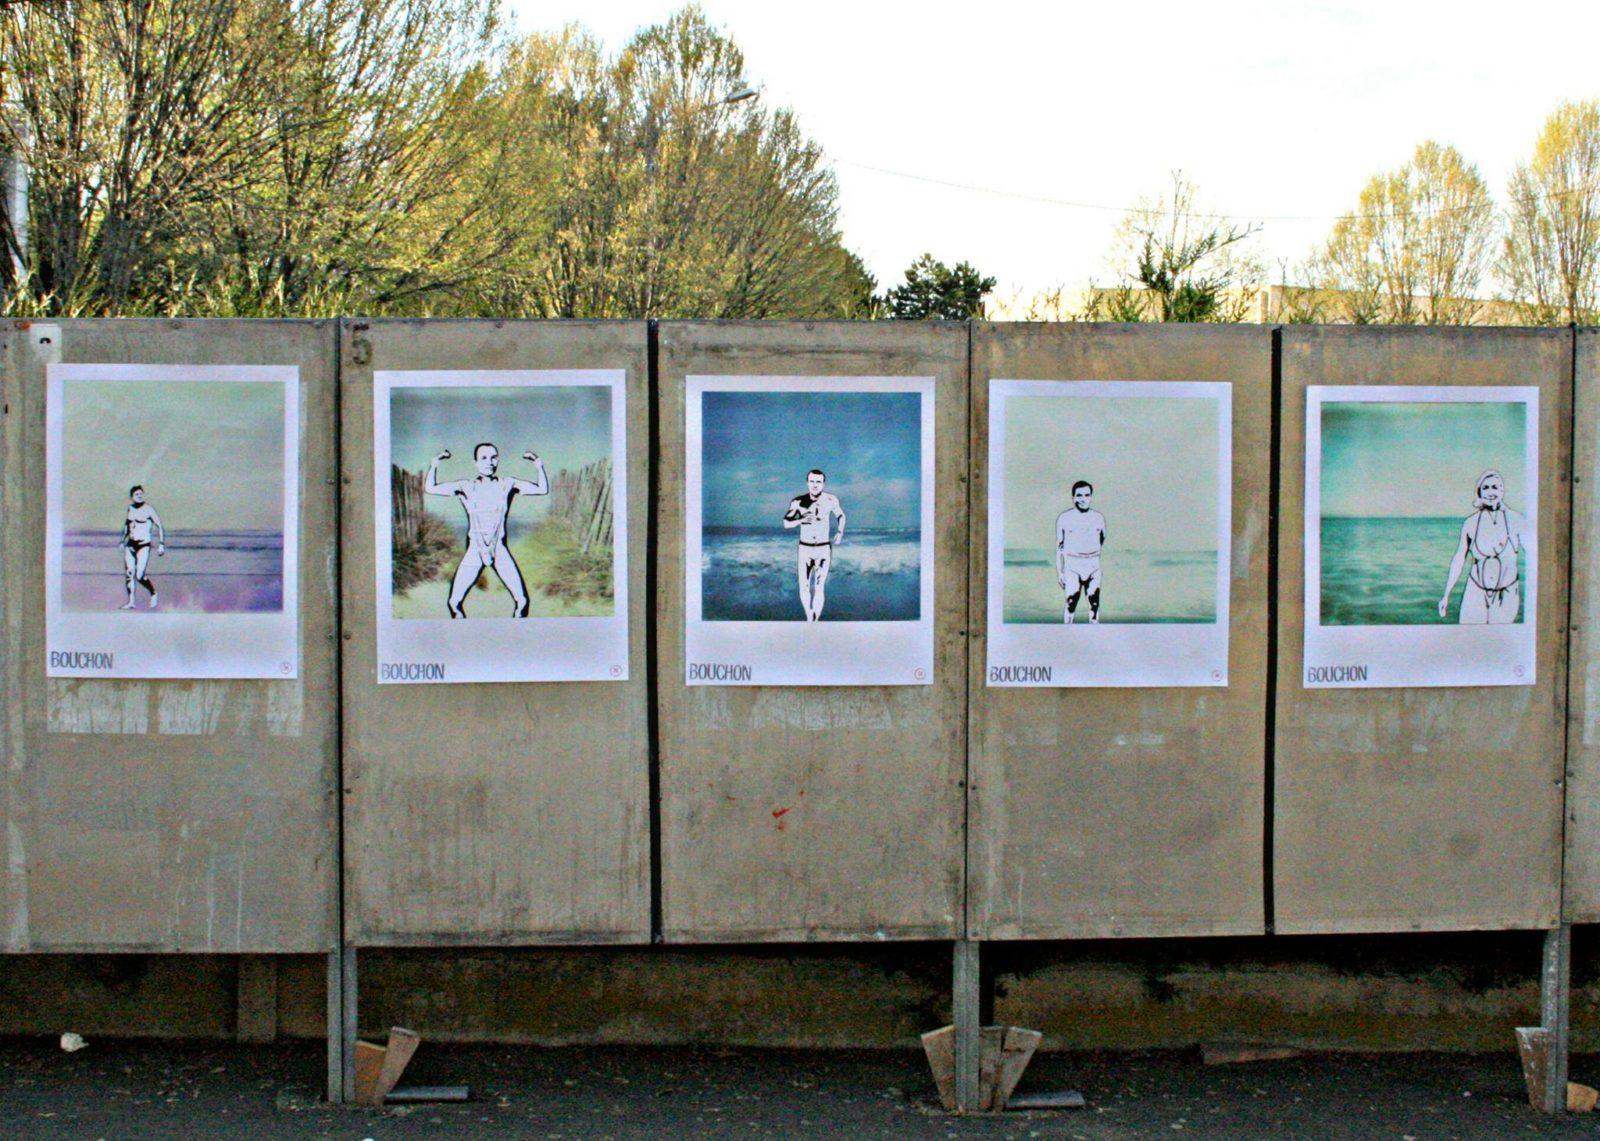 lesgraffsdujusticiercontrelesmursstreetartcollagedetournementcampagneaffichepresidentiellepanneauxelection - Quand le street art squatte les affiches de la campagne présidentielle...